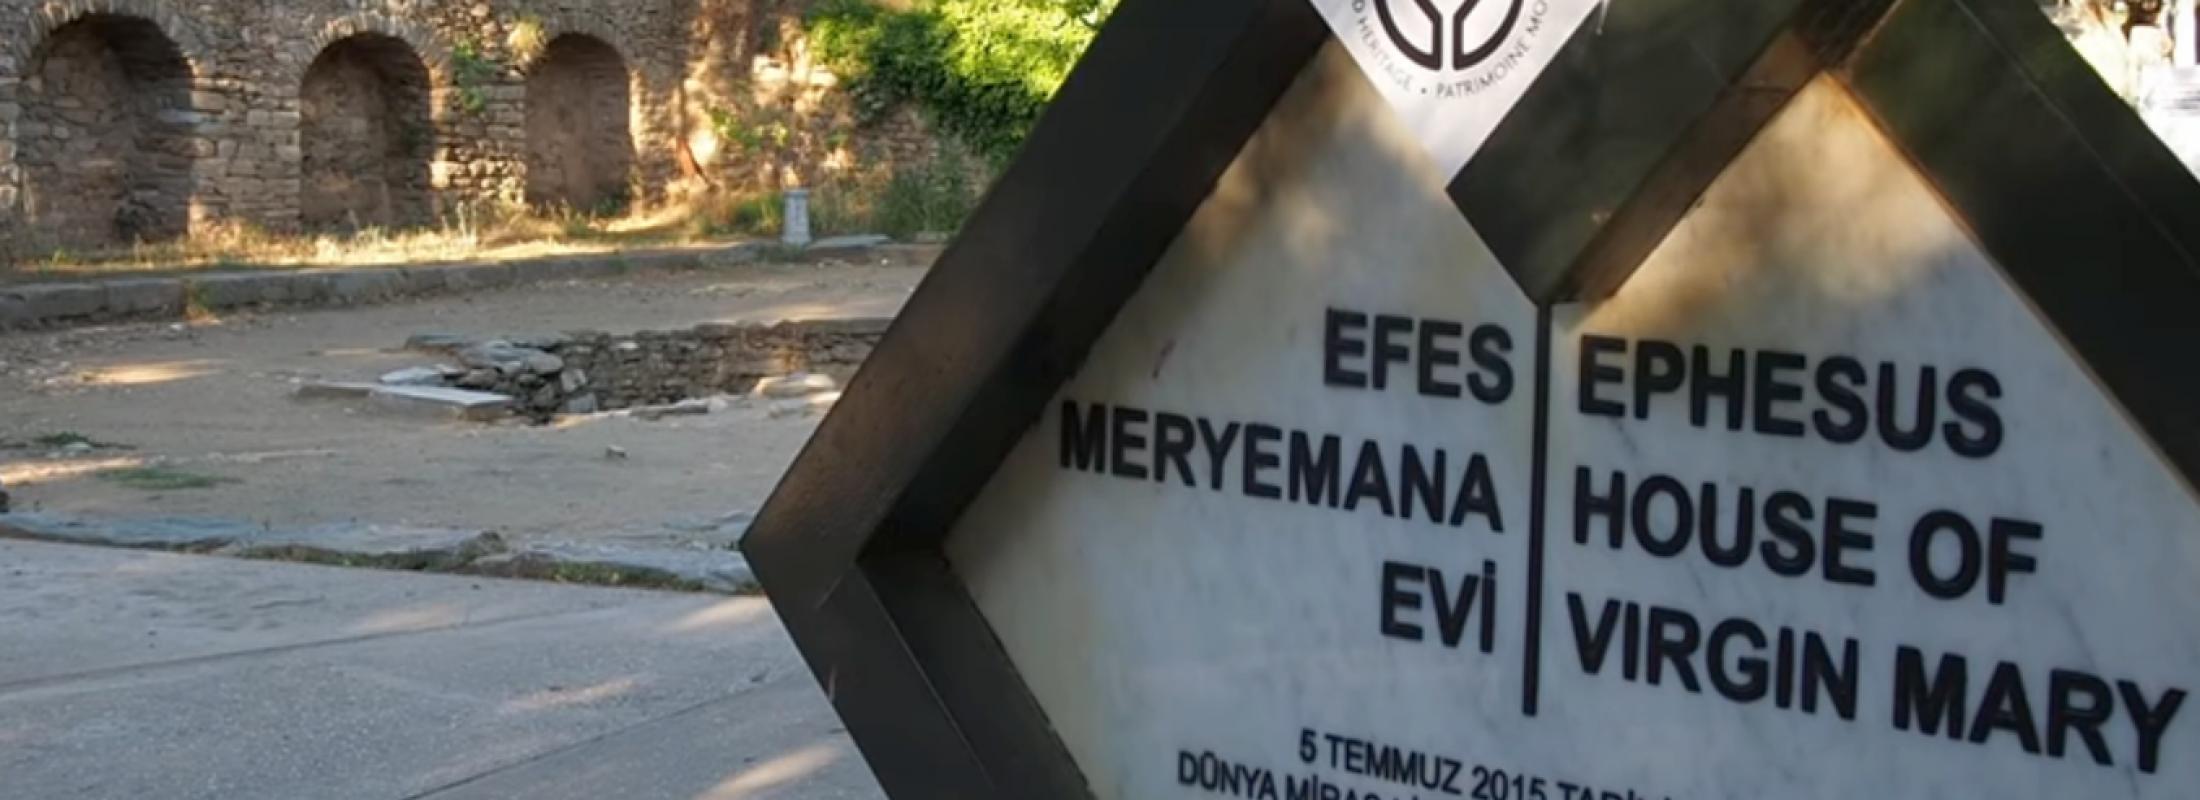 La historia de la Casa de la Virgen en Éfeso